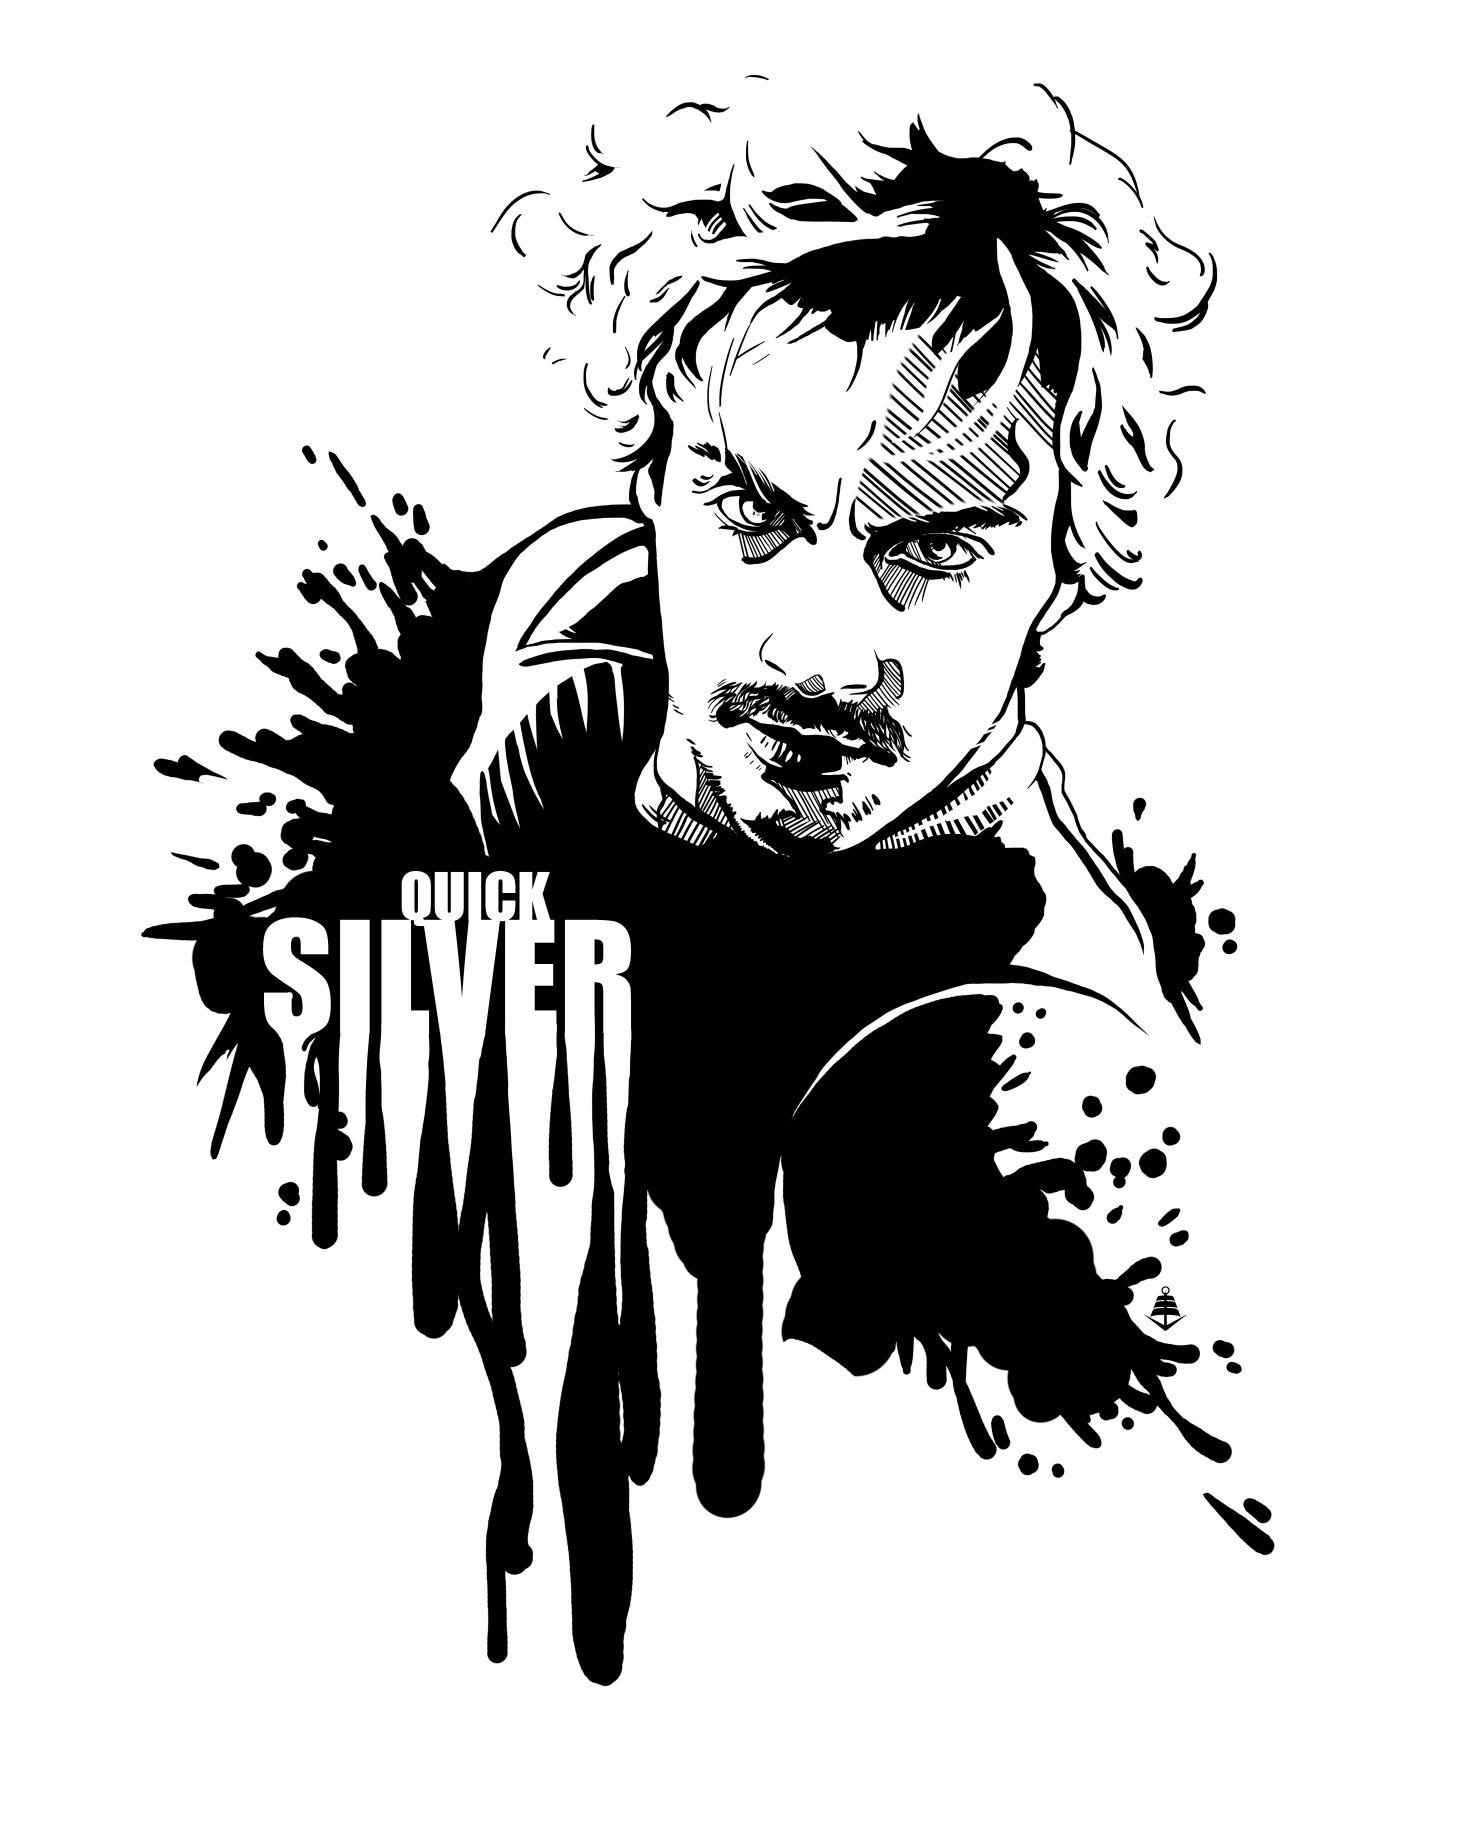 Hawkeye From Avengers